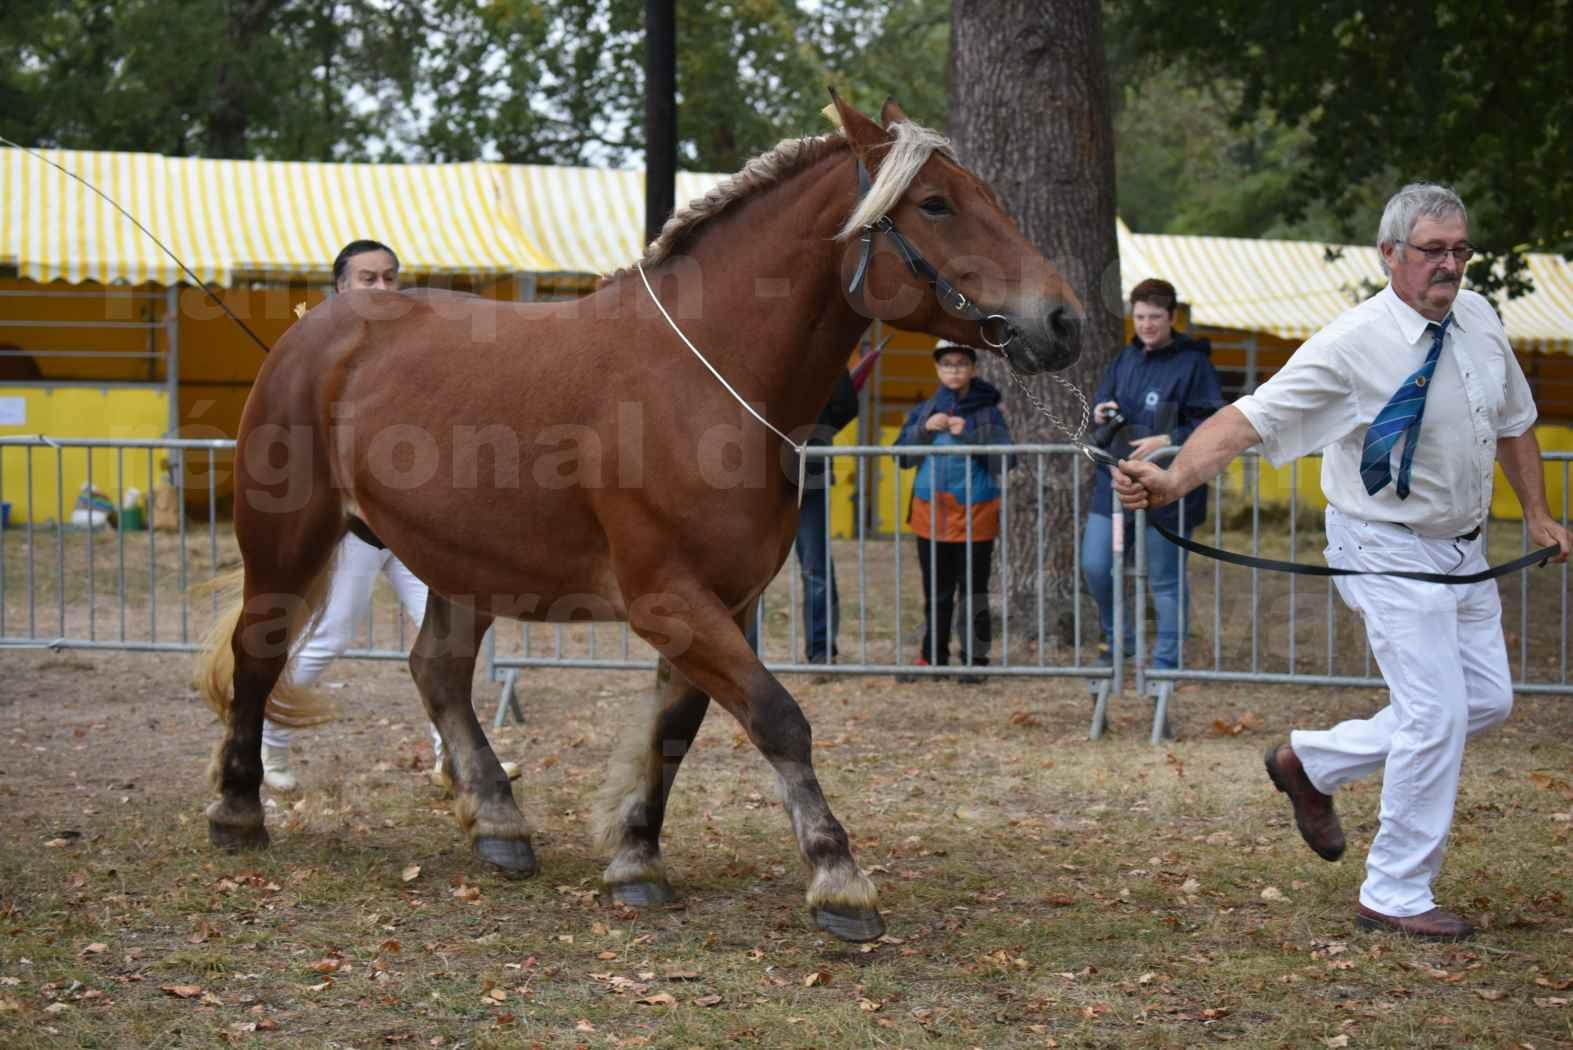 Concours Régional de chevaux de traits en 2017 - Pouliche Trait COMTOIS - DUCHESSE DE BENS - 16